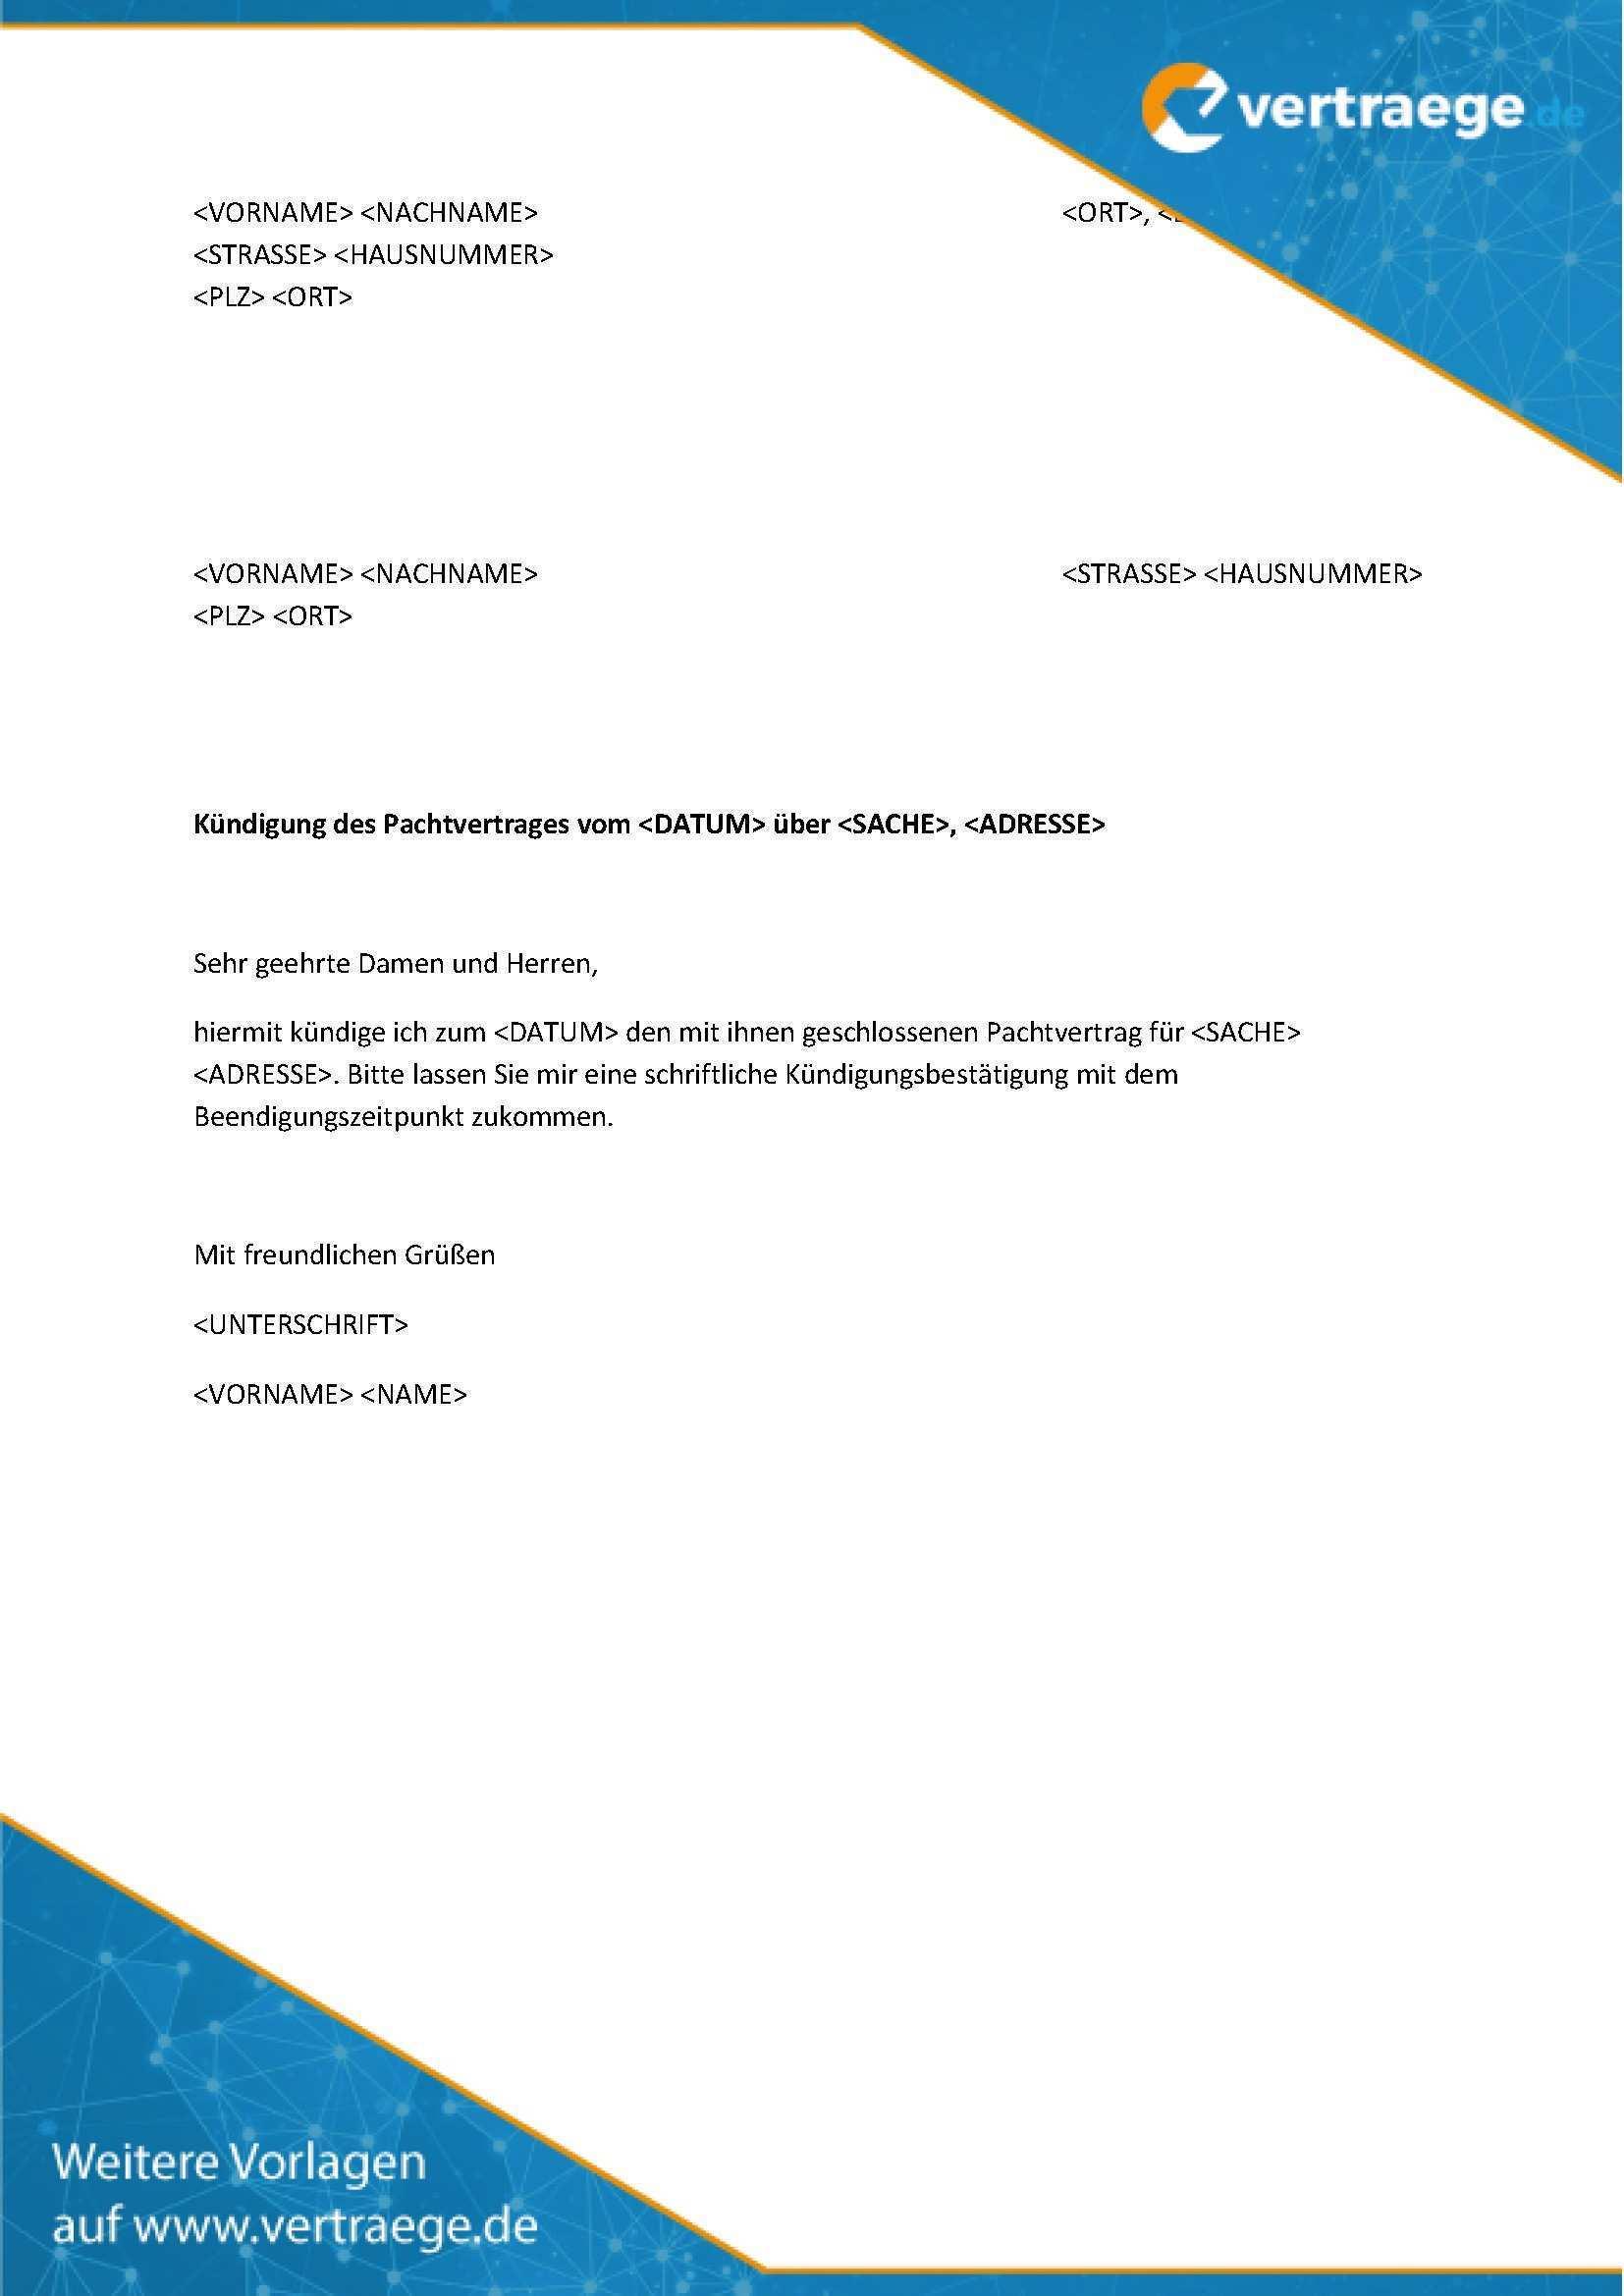 Muster Kundigung Pachtvertrag Vertraege De